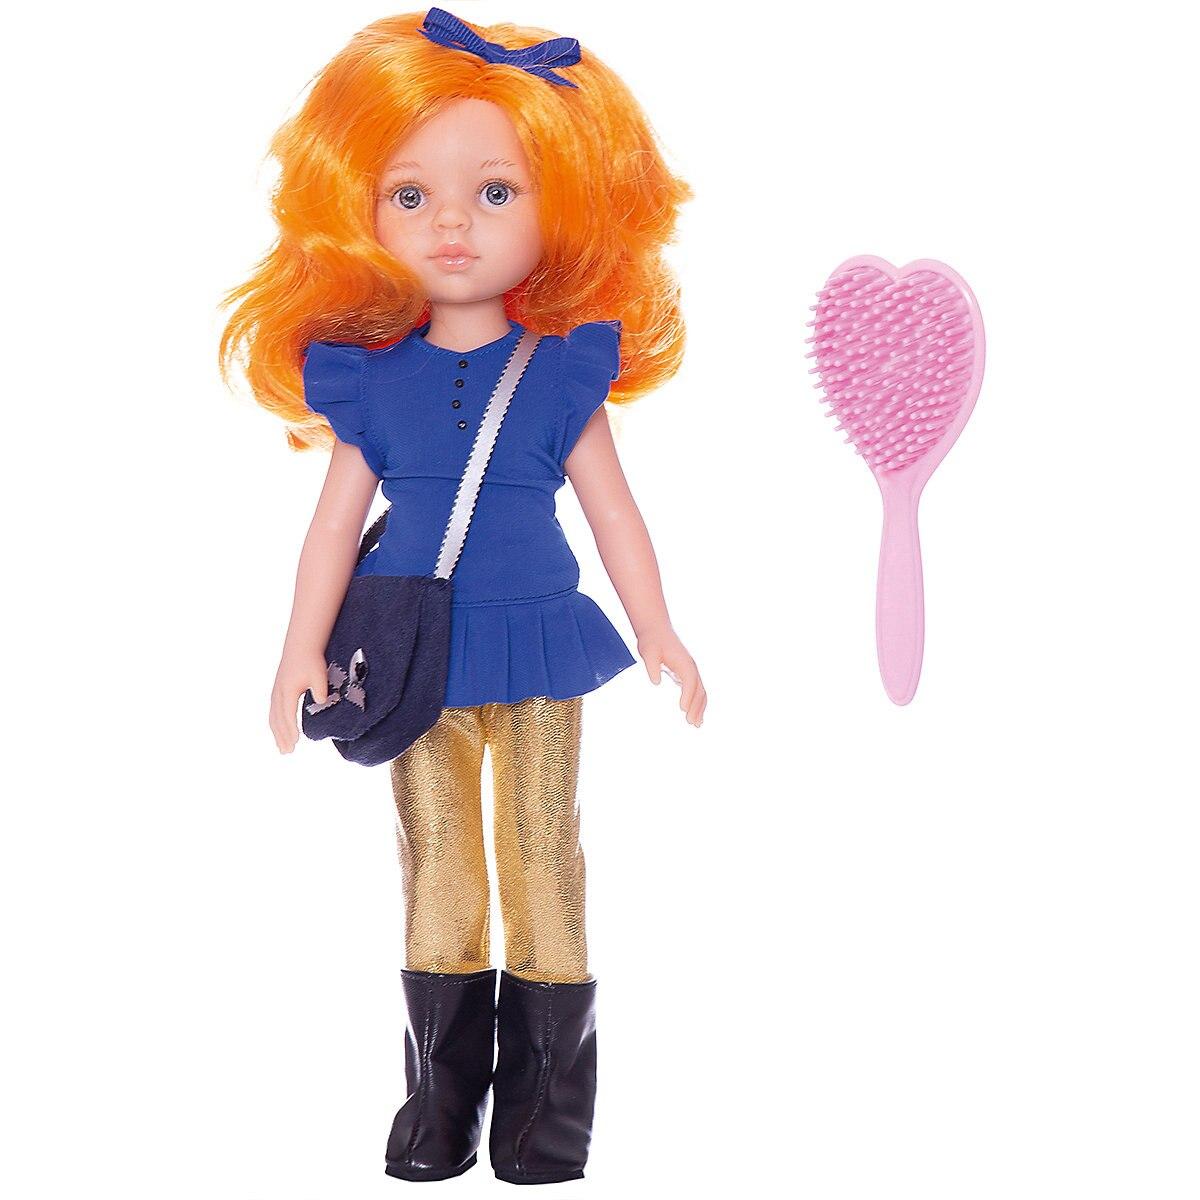 Paola Reina muñecas 9380944 niñas juguetes para niños niñas juguete moda muñeca juego accesorios niños novia